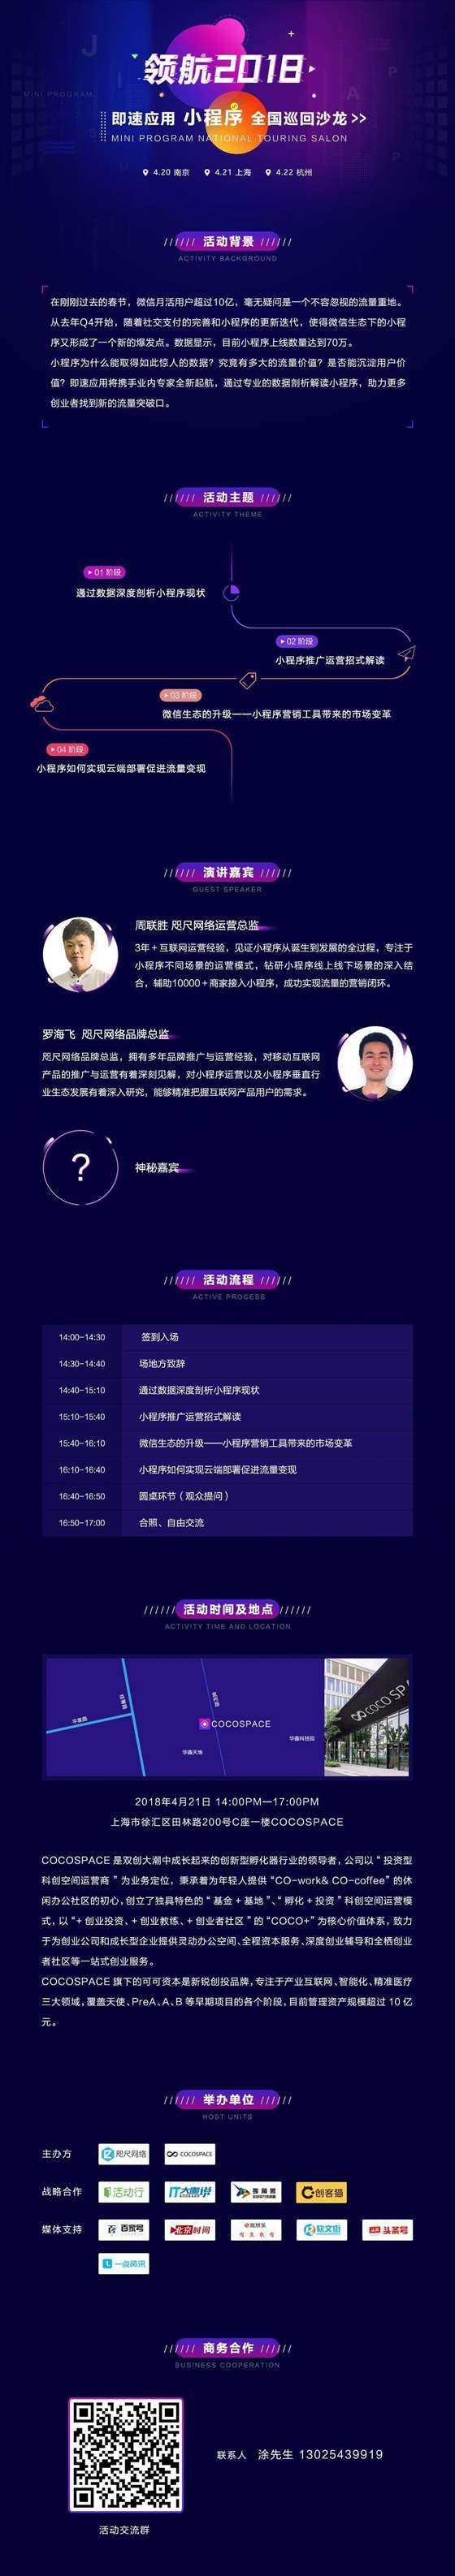 上海活动长页1080宽 .png